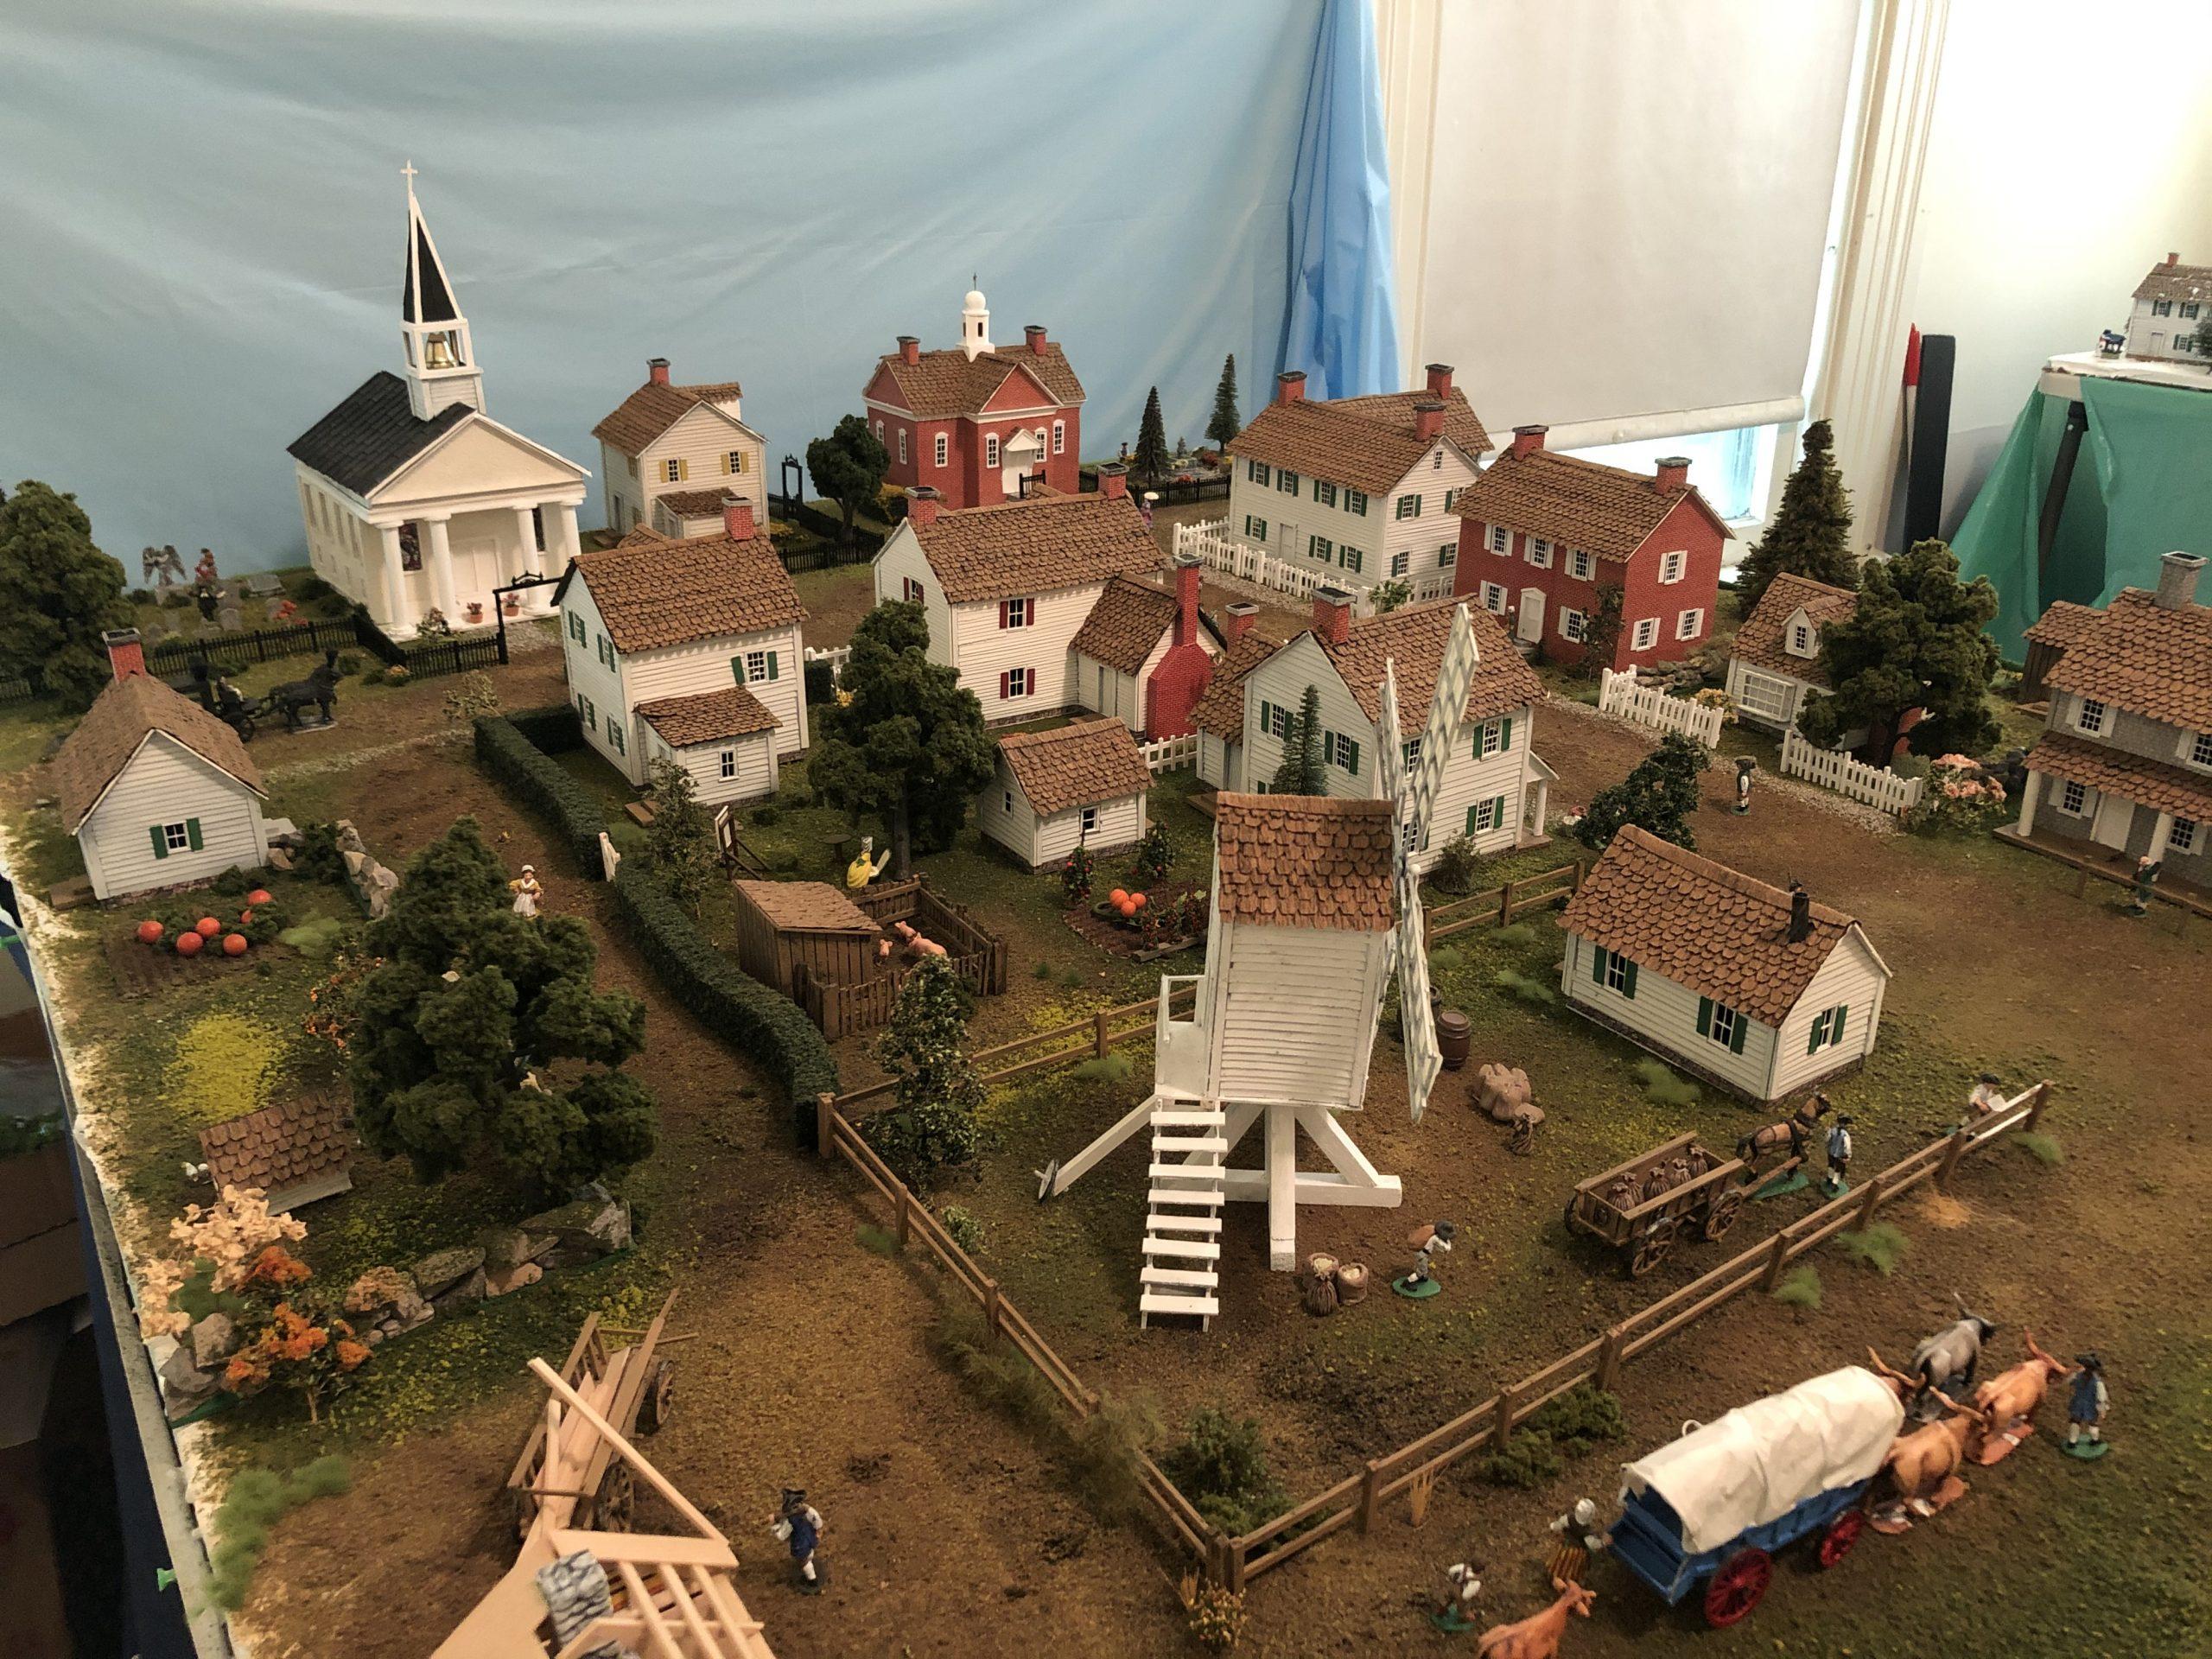 Colonial village